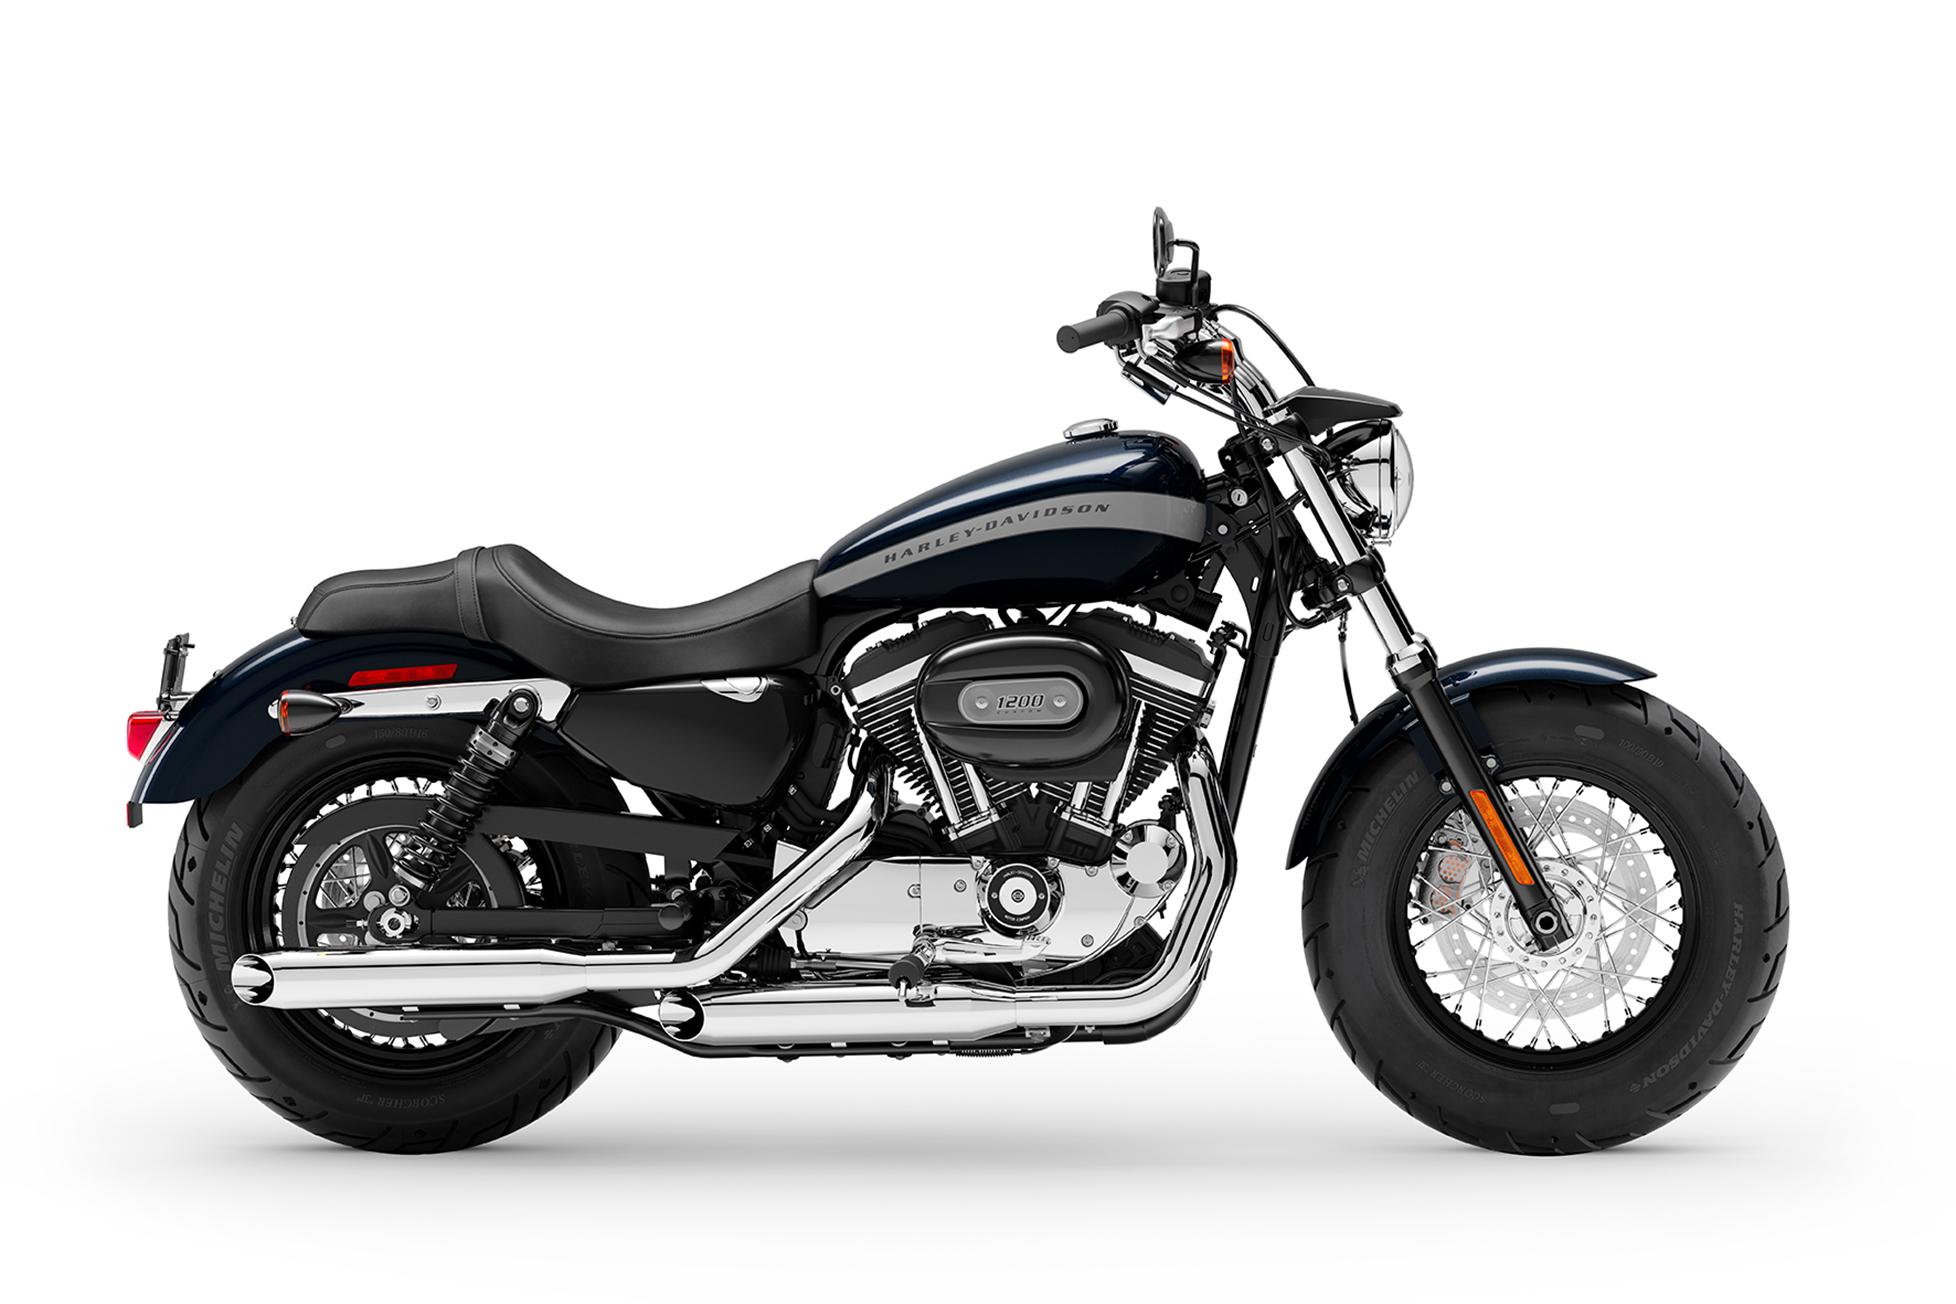 Harley davidson model bikes